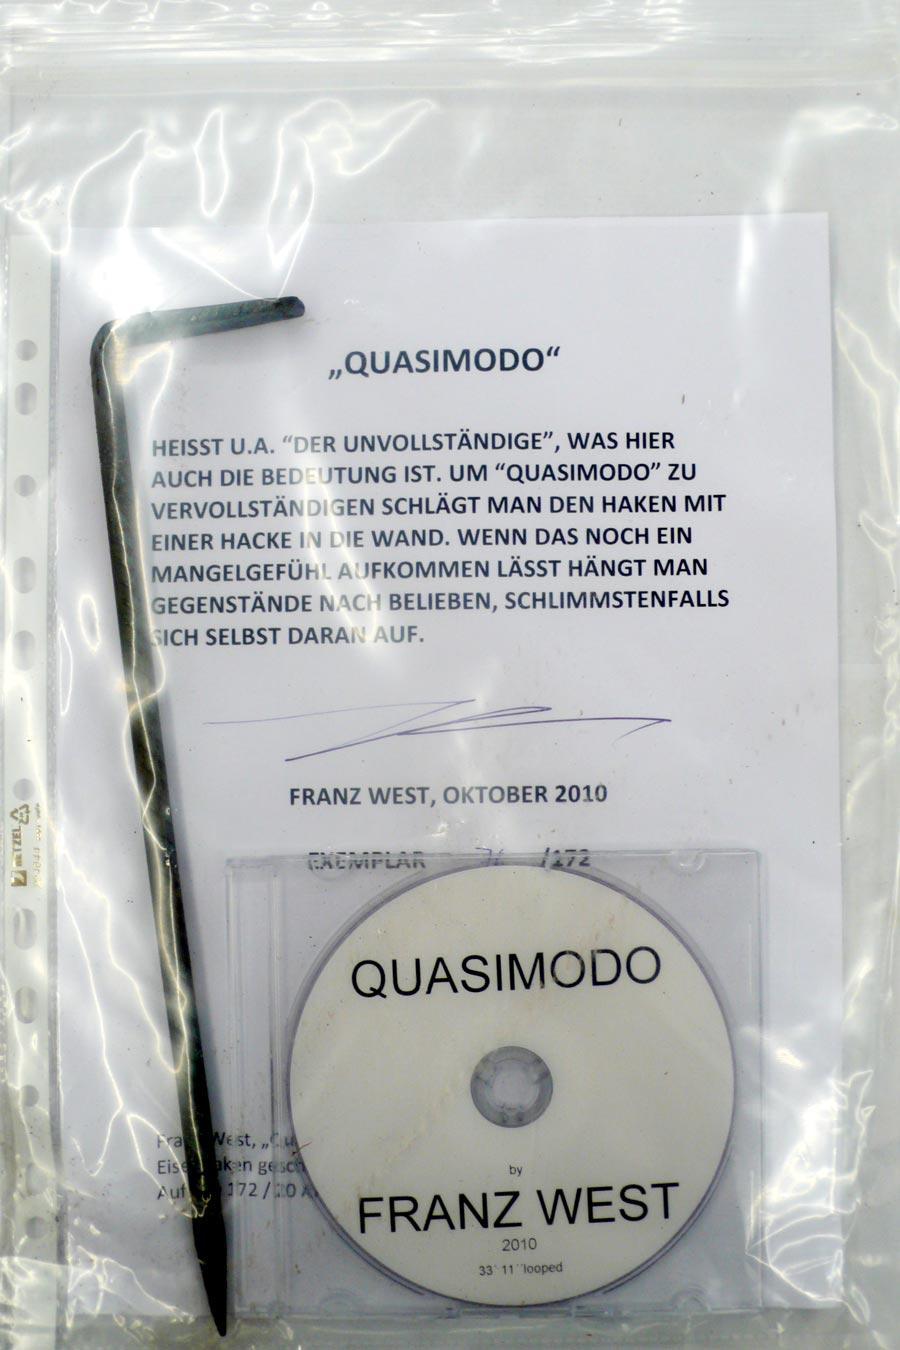 """Franz West, """"Quasimodo"""", 2010, Eisenhaken geschmiedet, DVD, 76 / 172"""